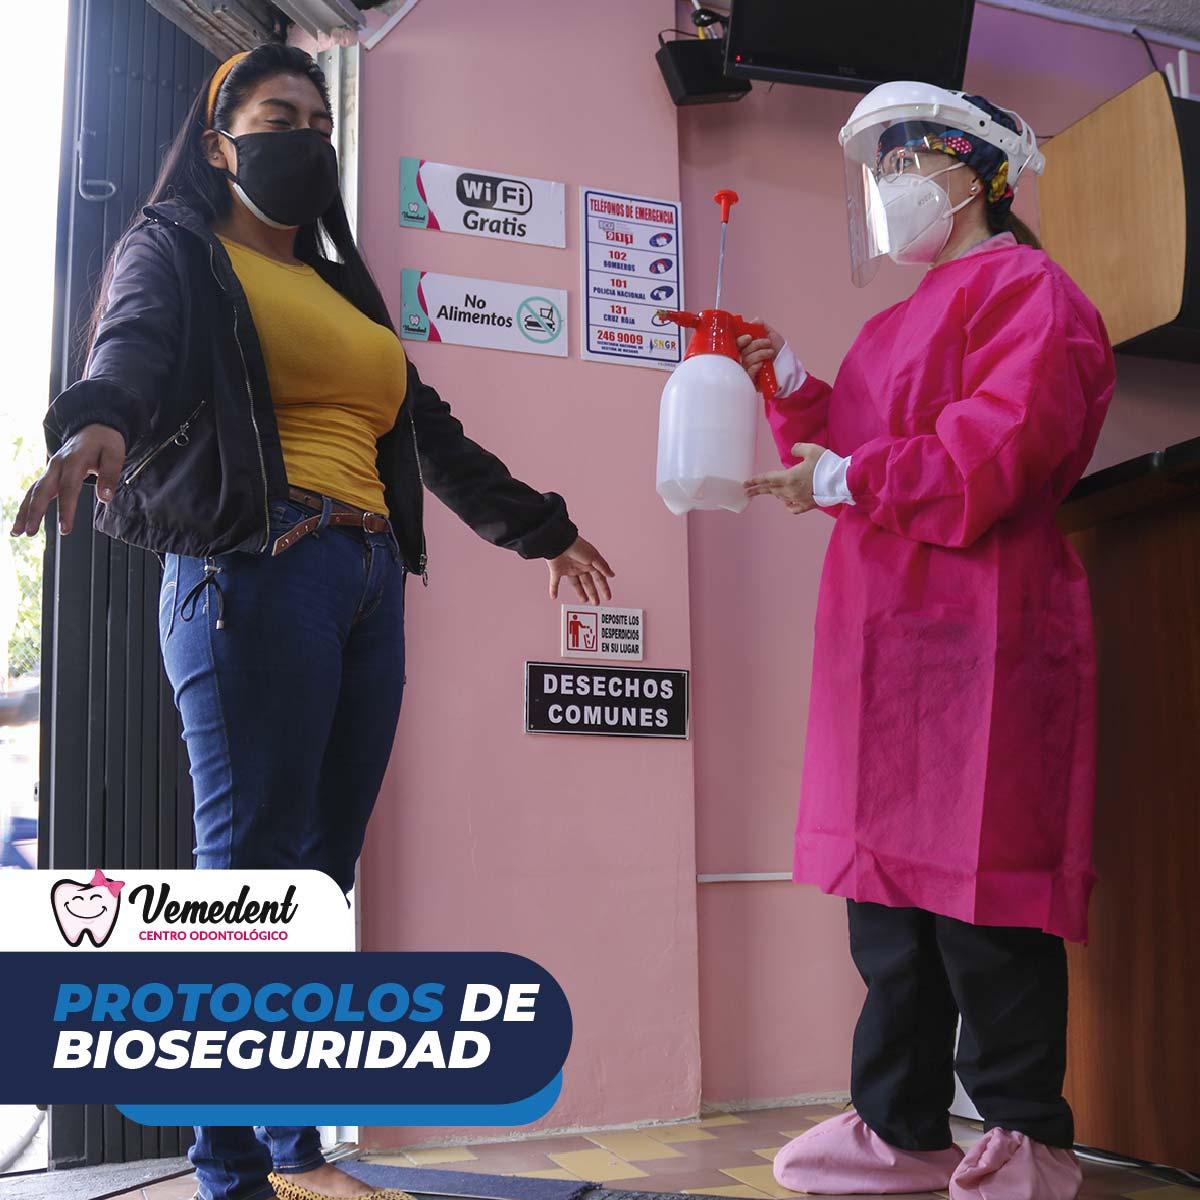 Protocolo de bioseguridad durante y post pandemia COVID-19.